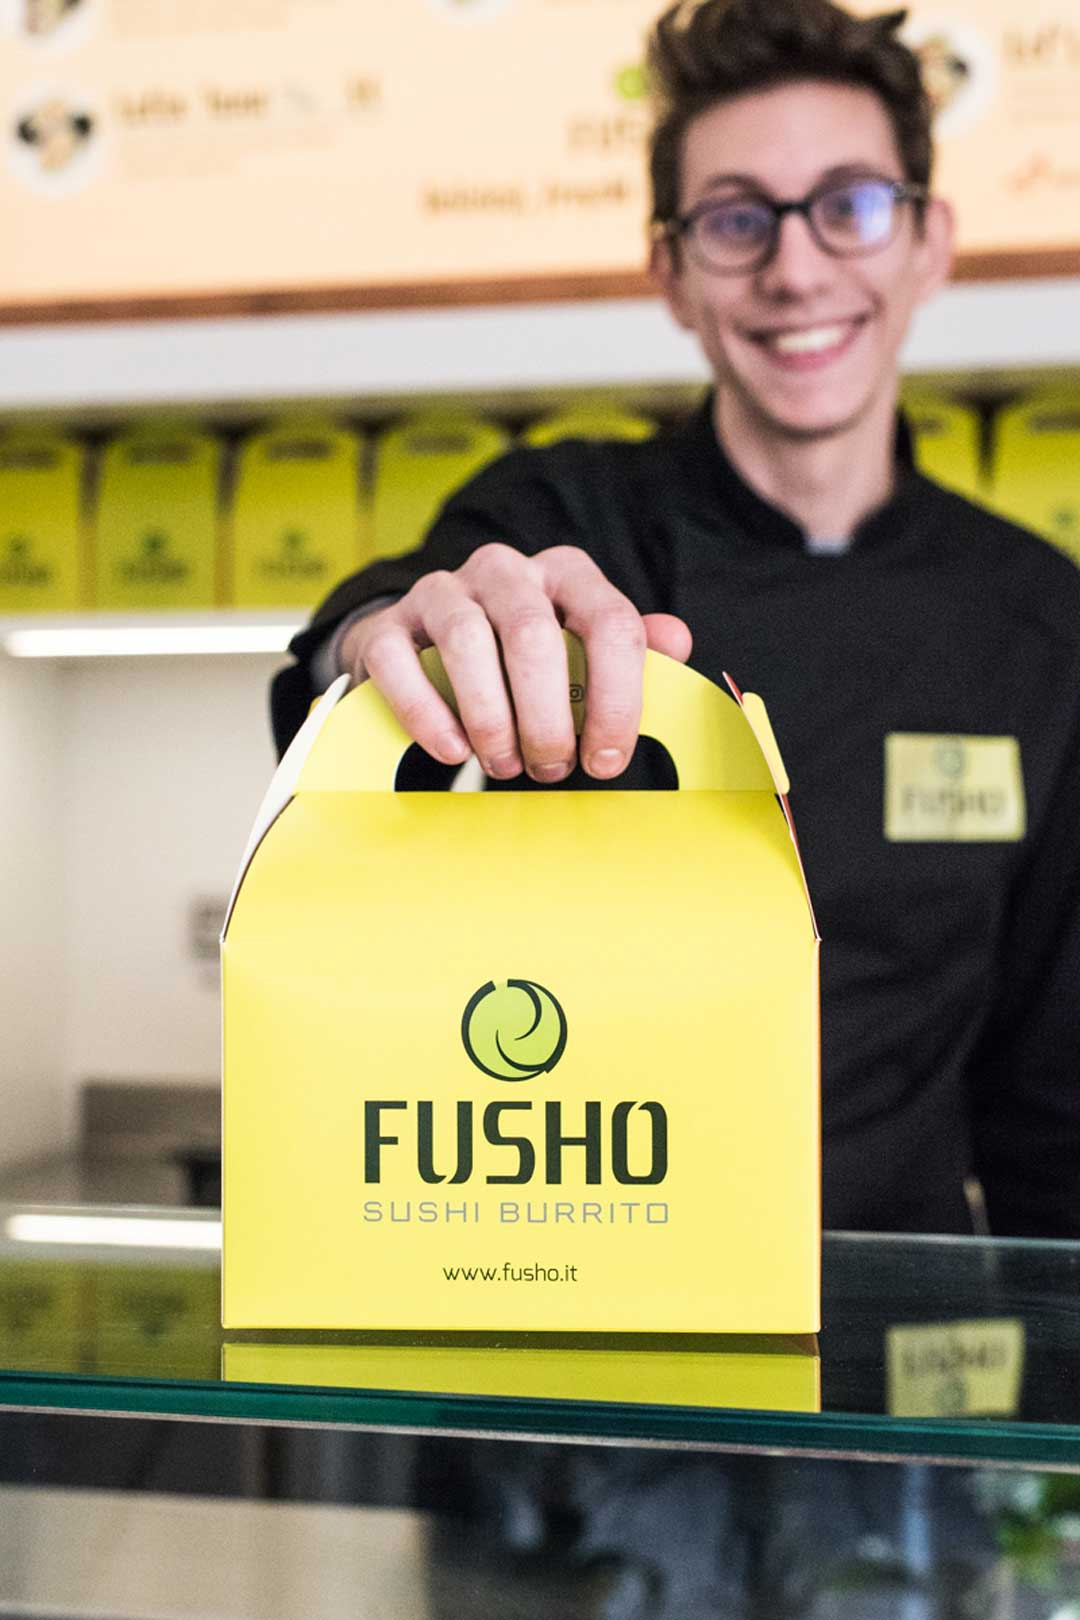 Fusho Sushi Burrito - Milano